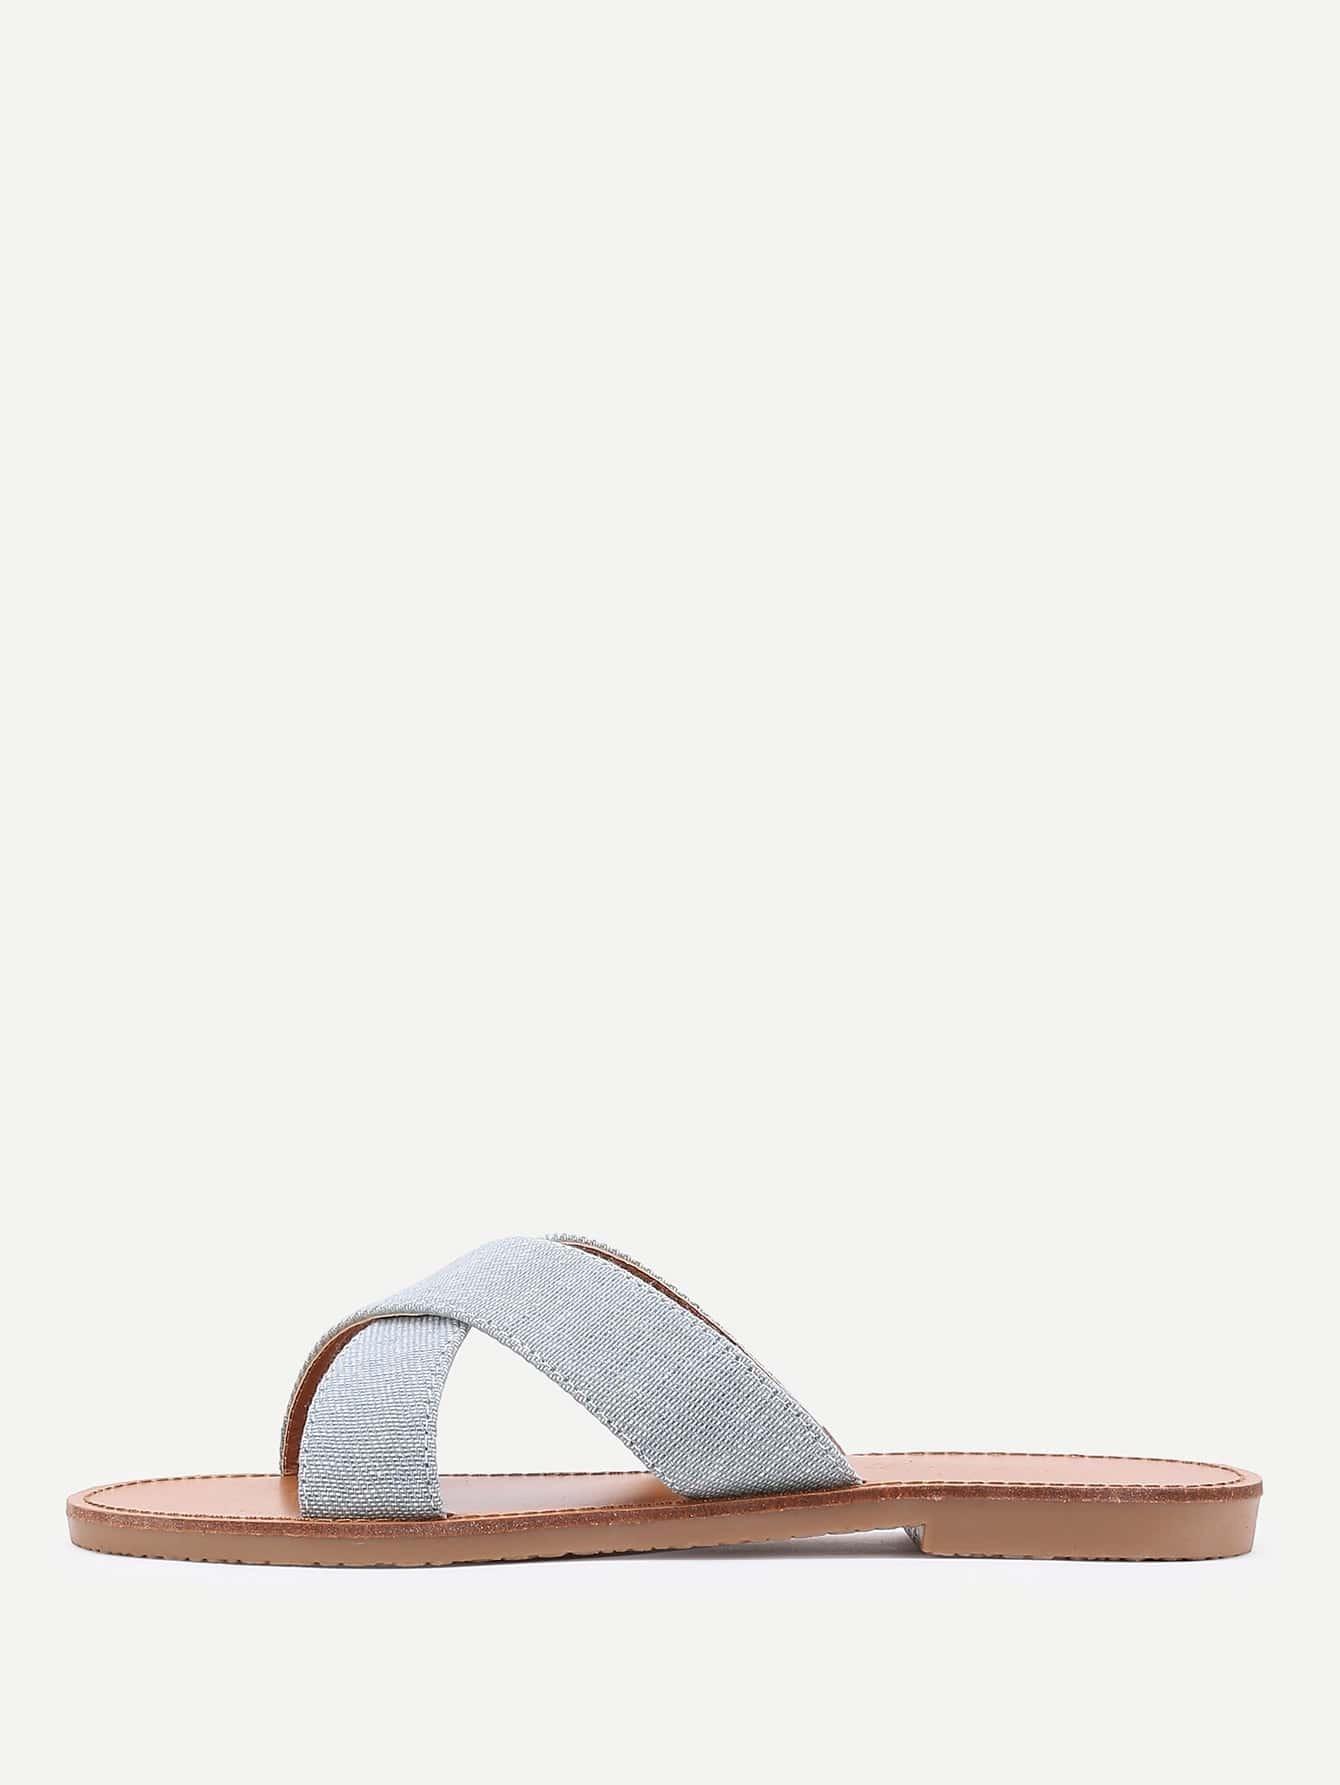 shoes170510807_2